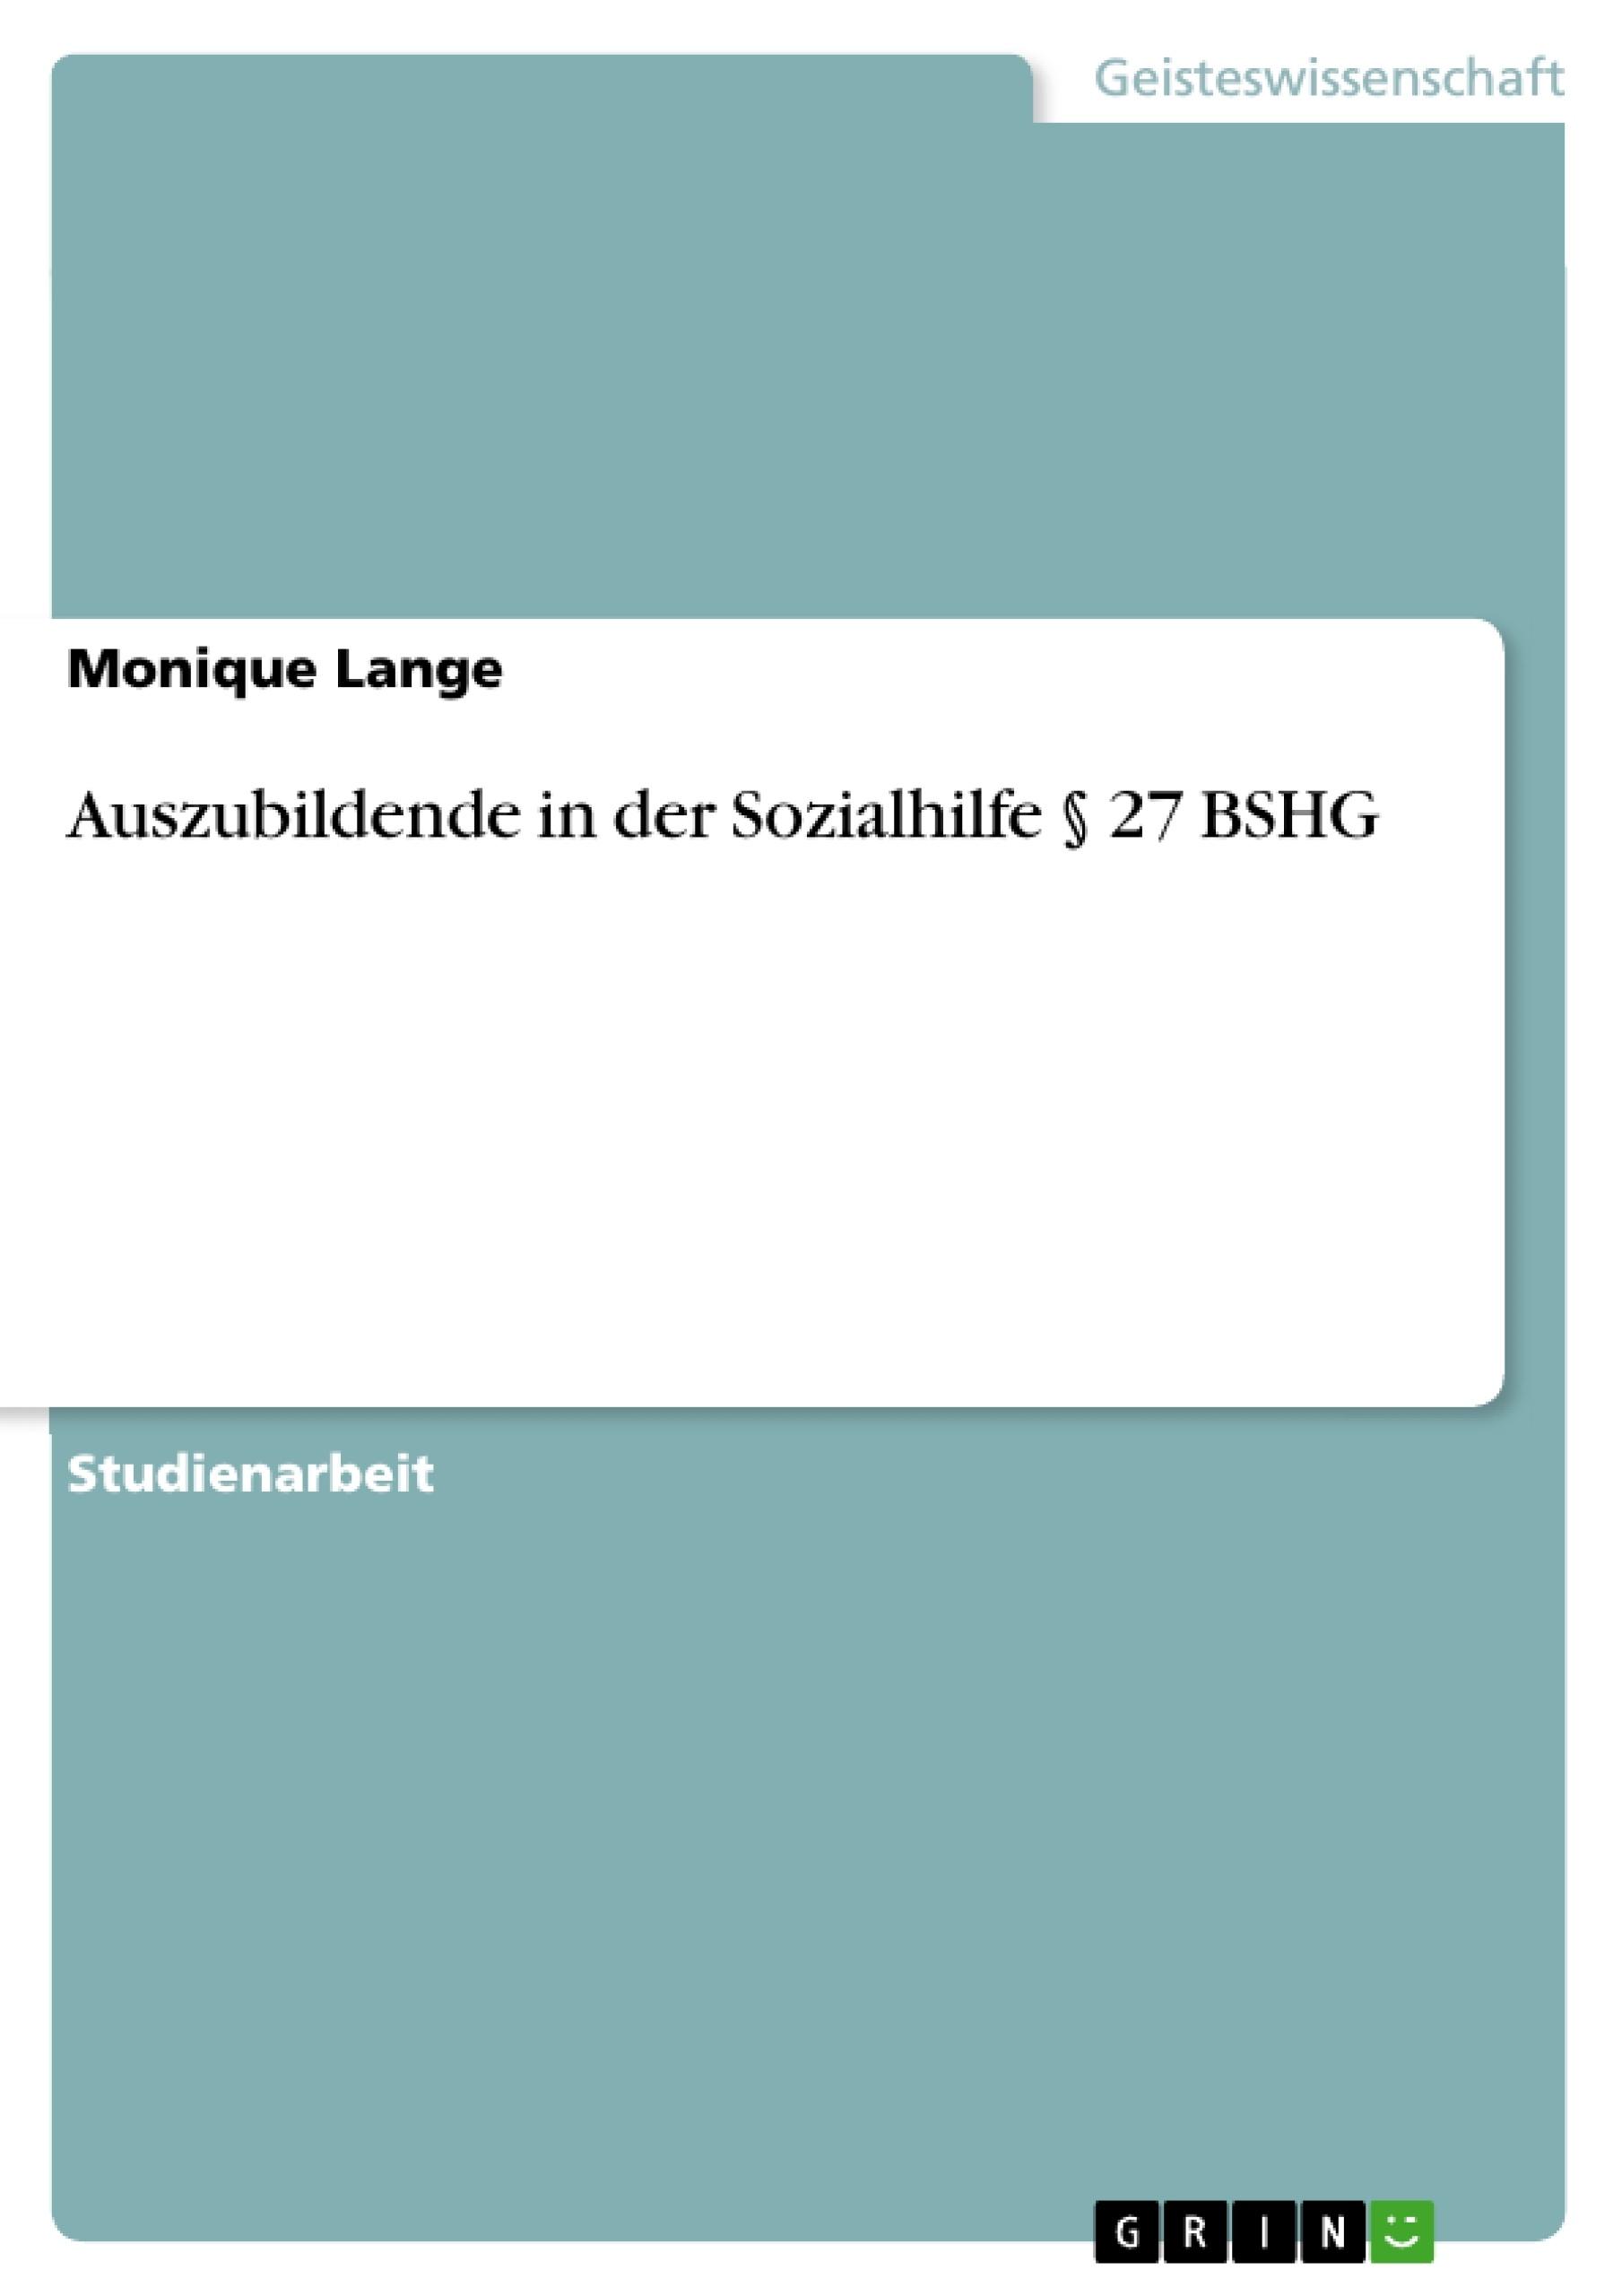 Titel: Auszubildende in der Sozialhilfe § 27 BSHG